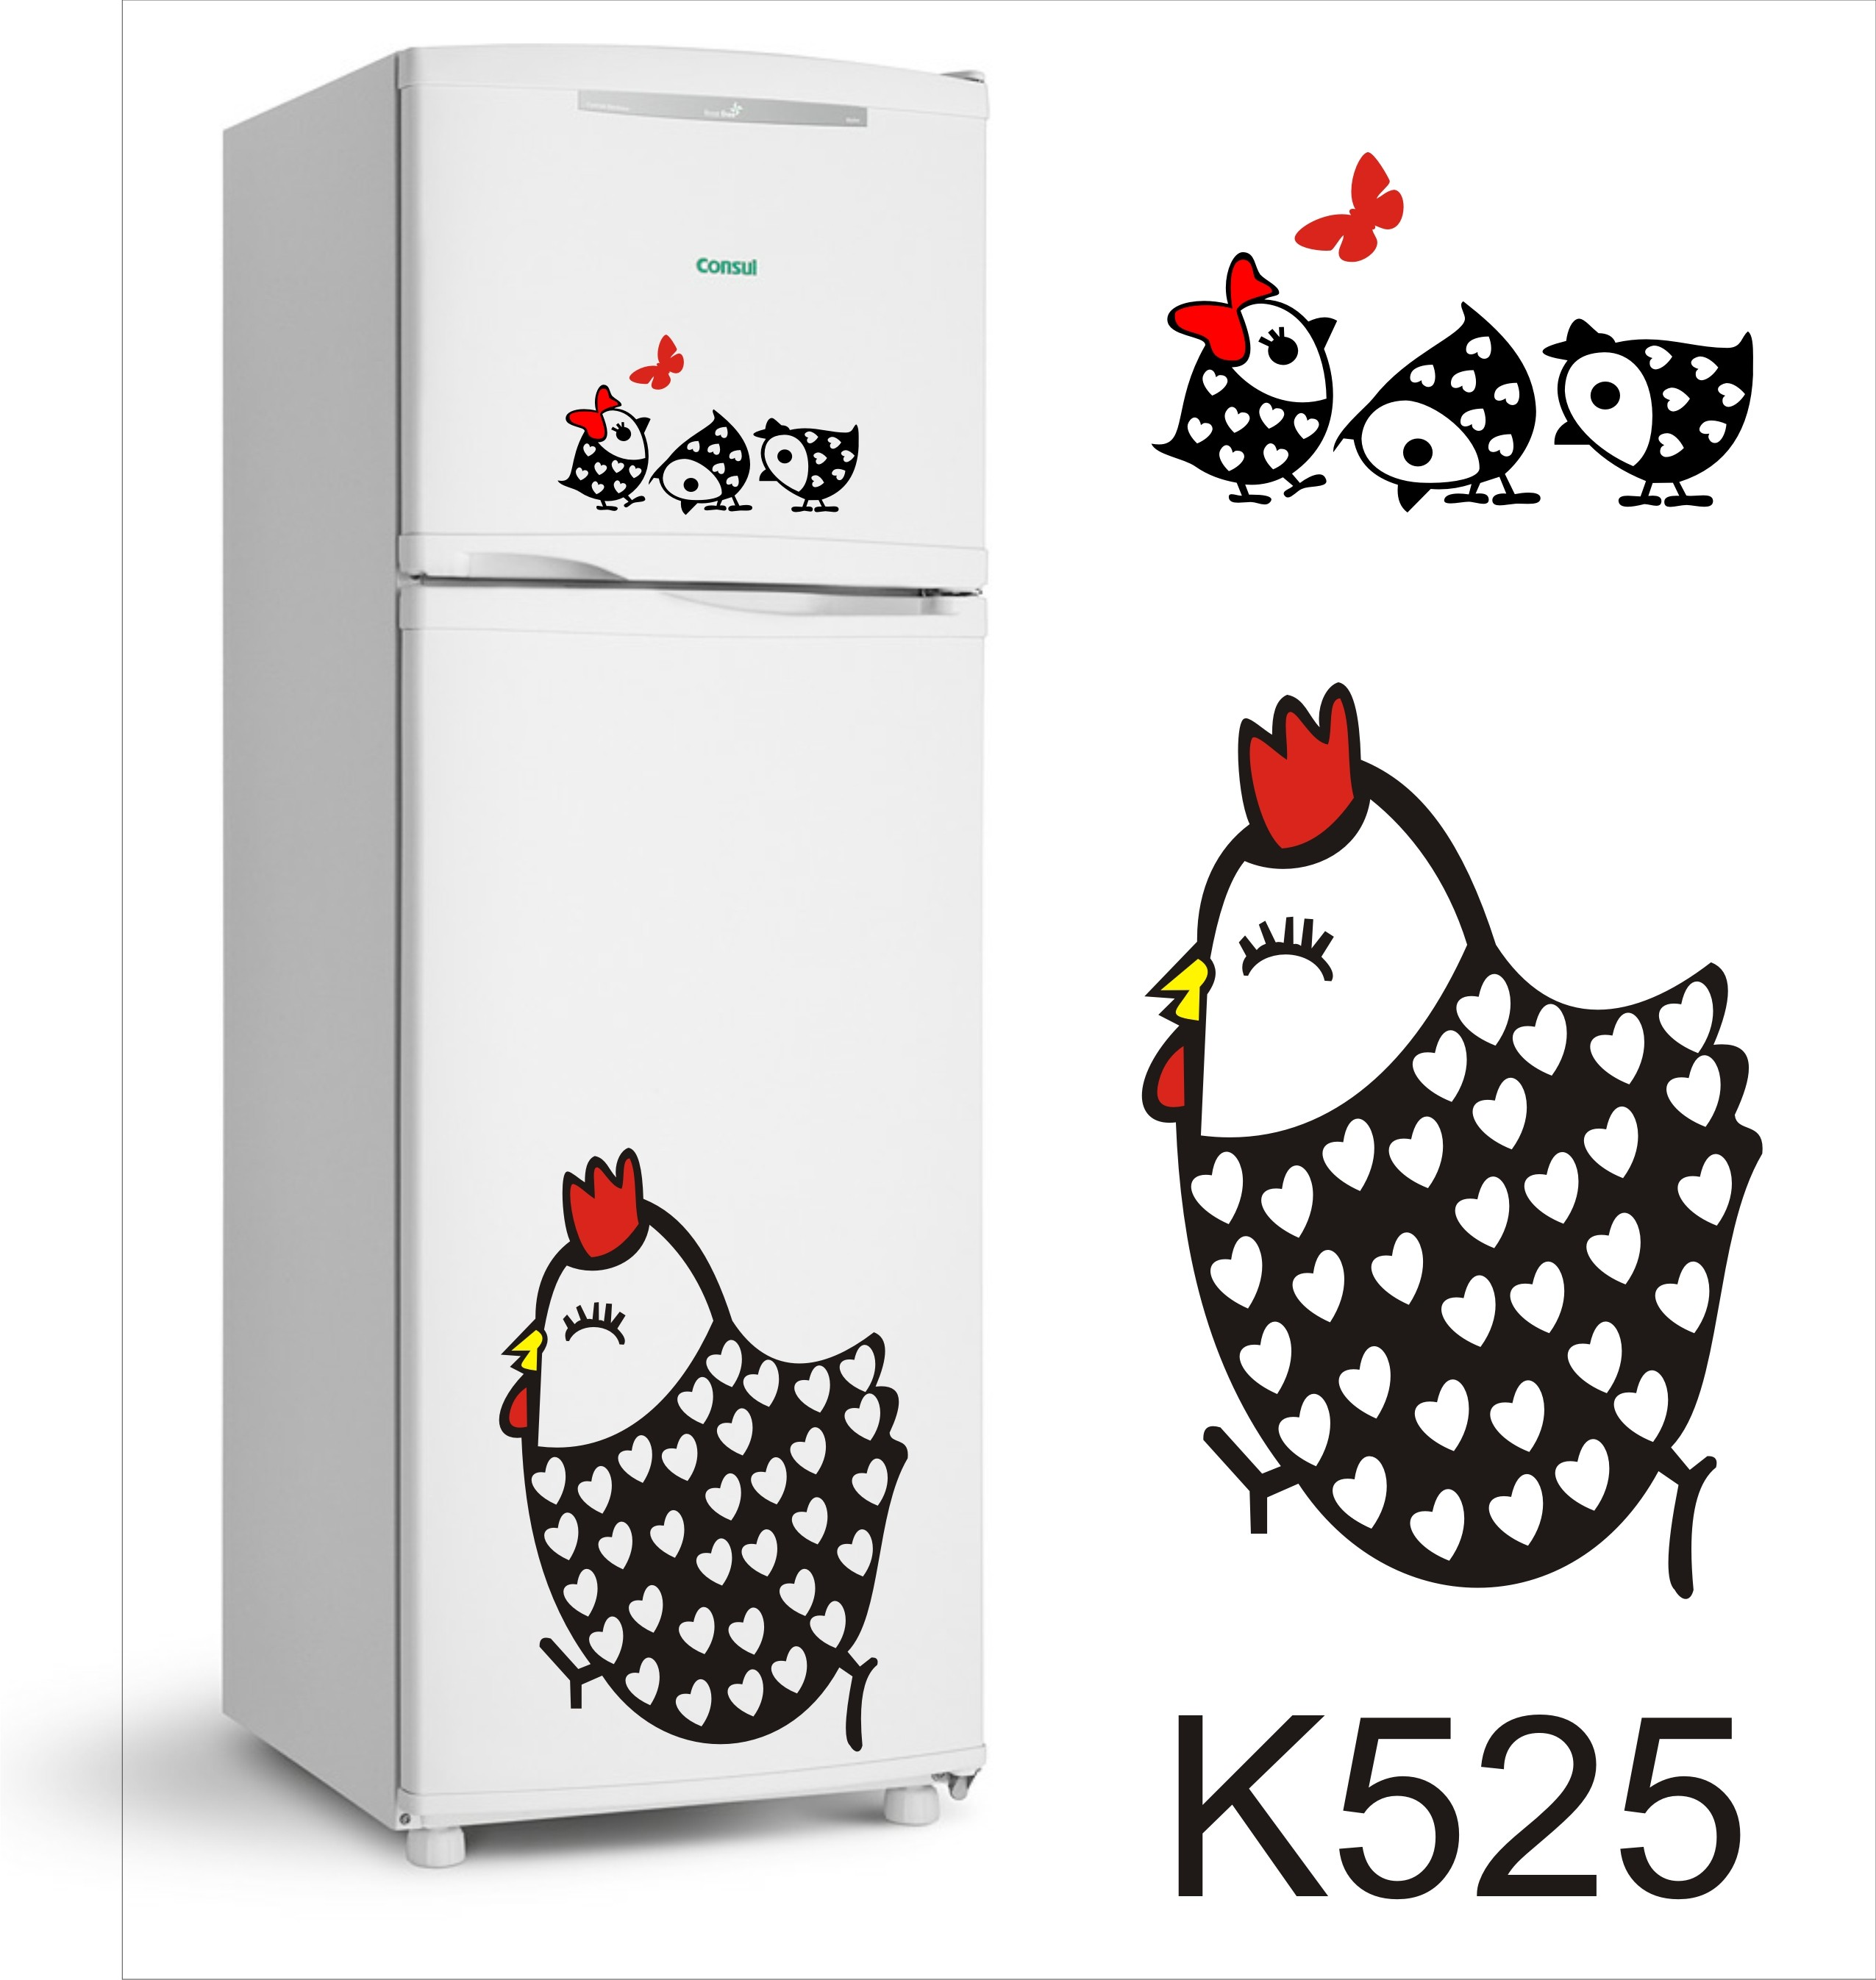 Adesivo De Parede Sjc ~ Adesivo Para Armario De Cozinha Onde Comprar # Beyato com> Vários desenhos sobre idéias de